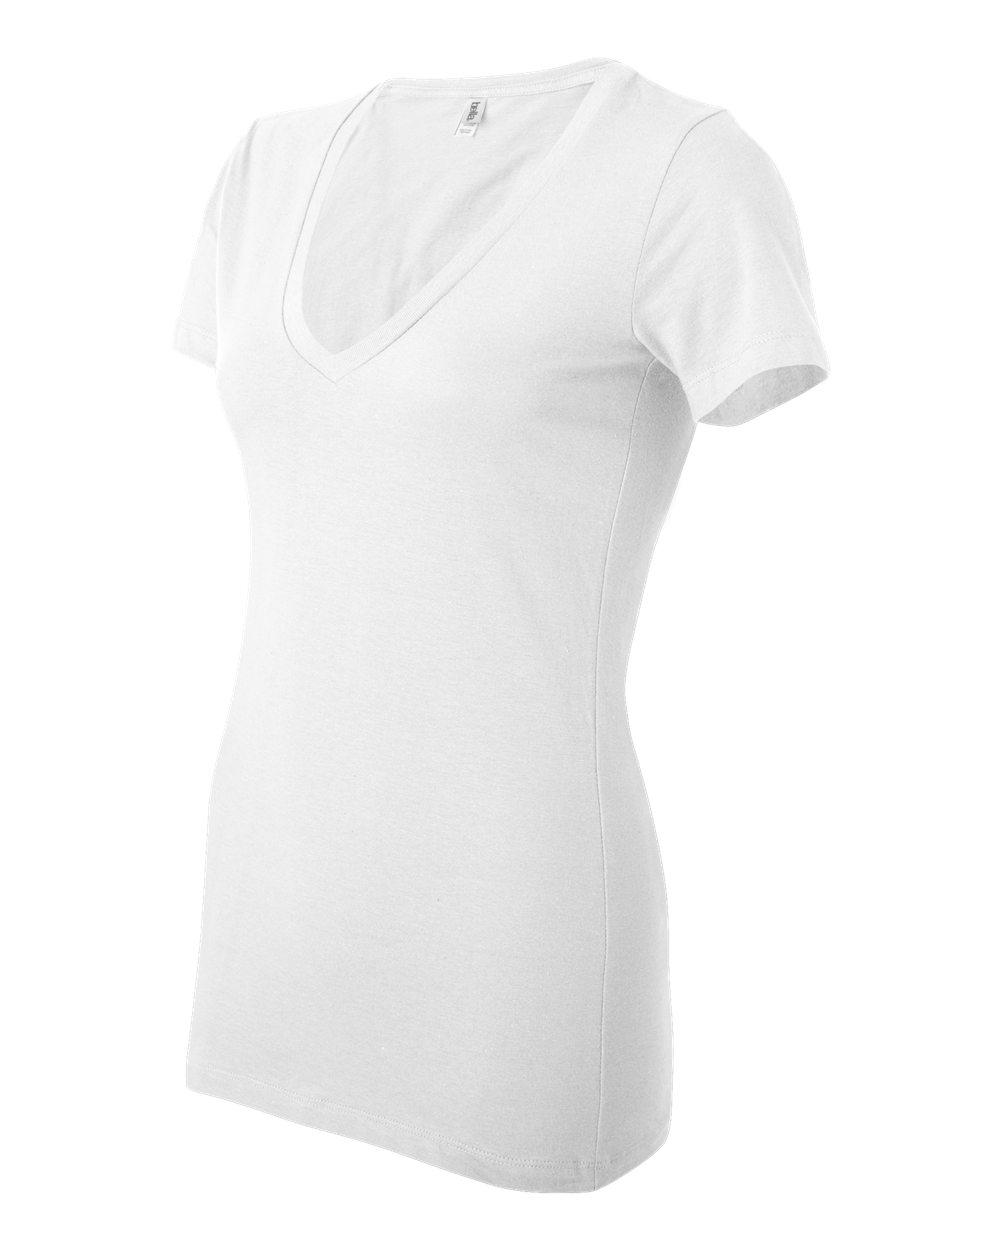 Bella 6035 White